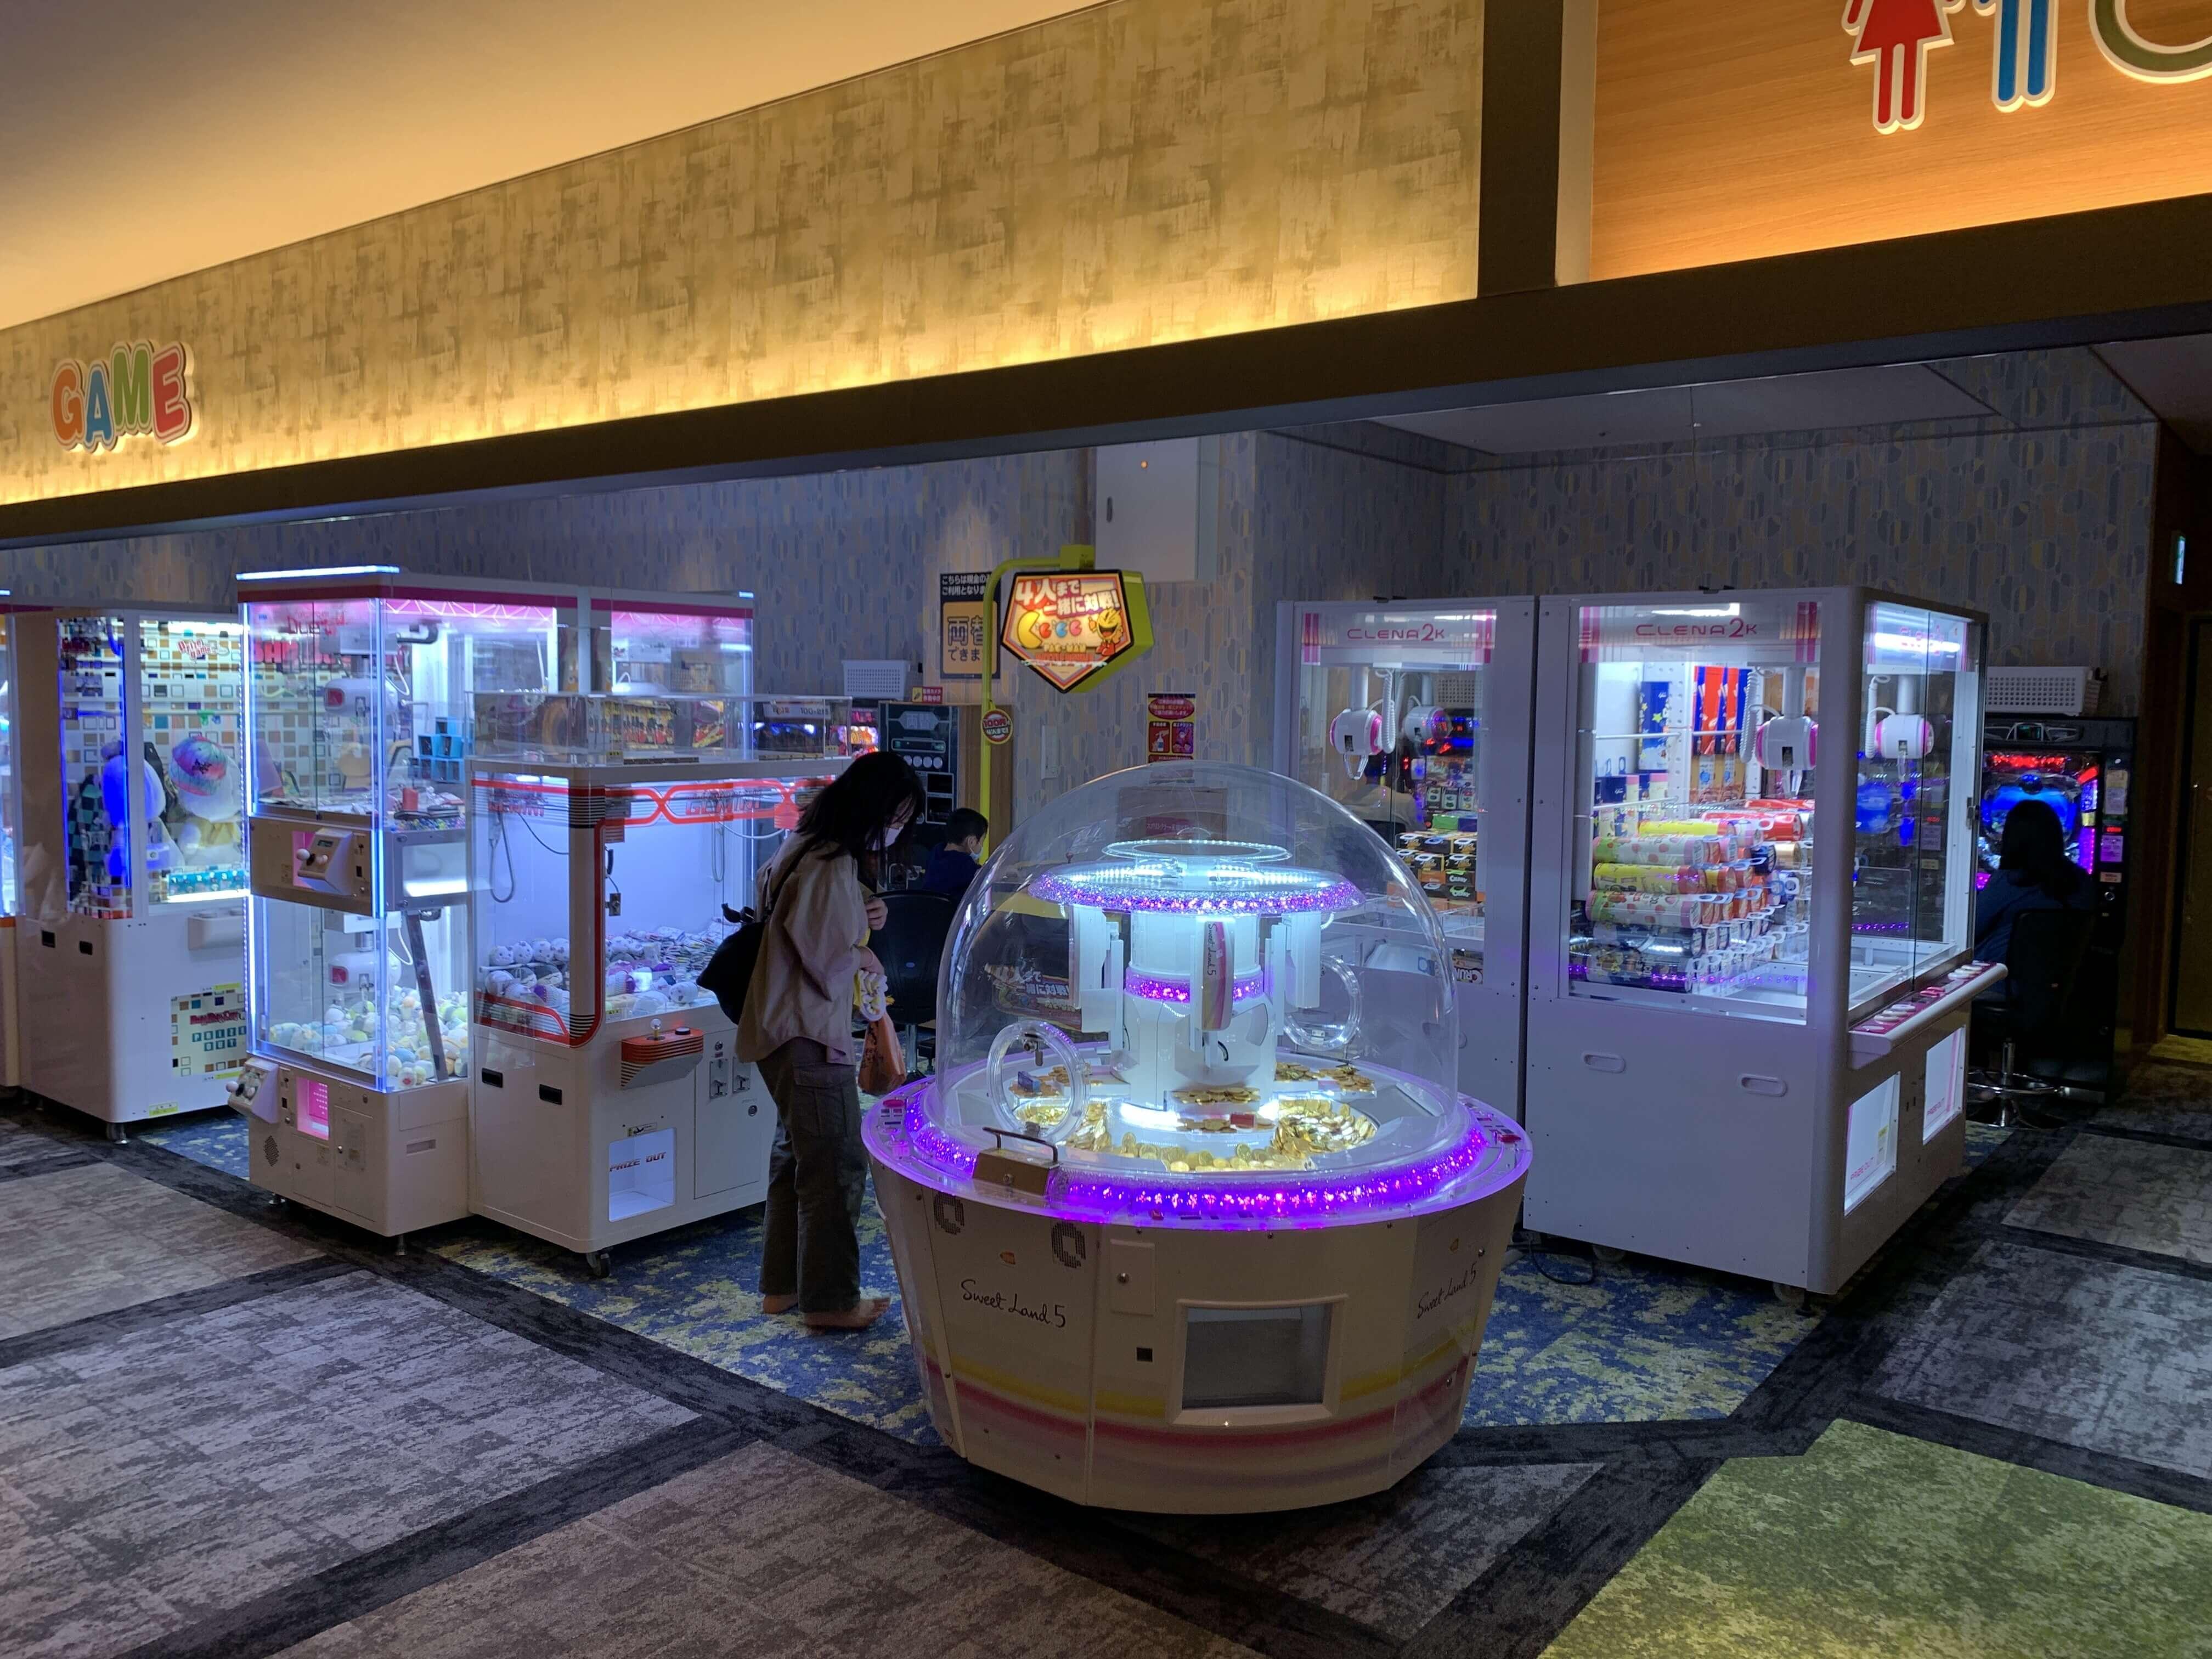 横濱スパヒルズ竜泉寺の湯鶴ヶ峰店_ゲームセンター